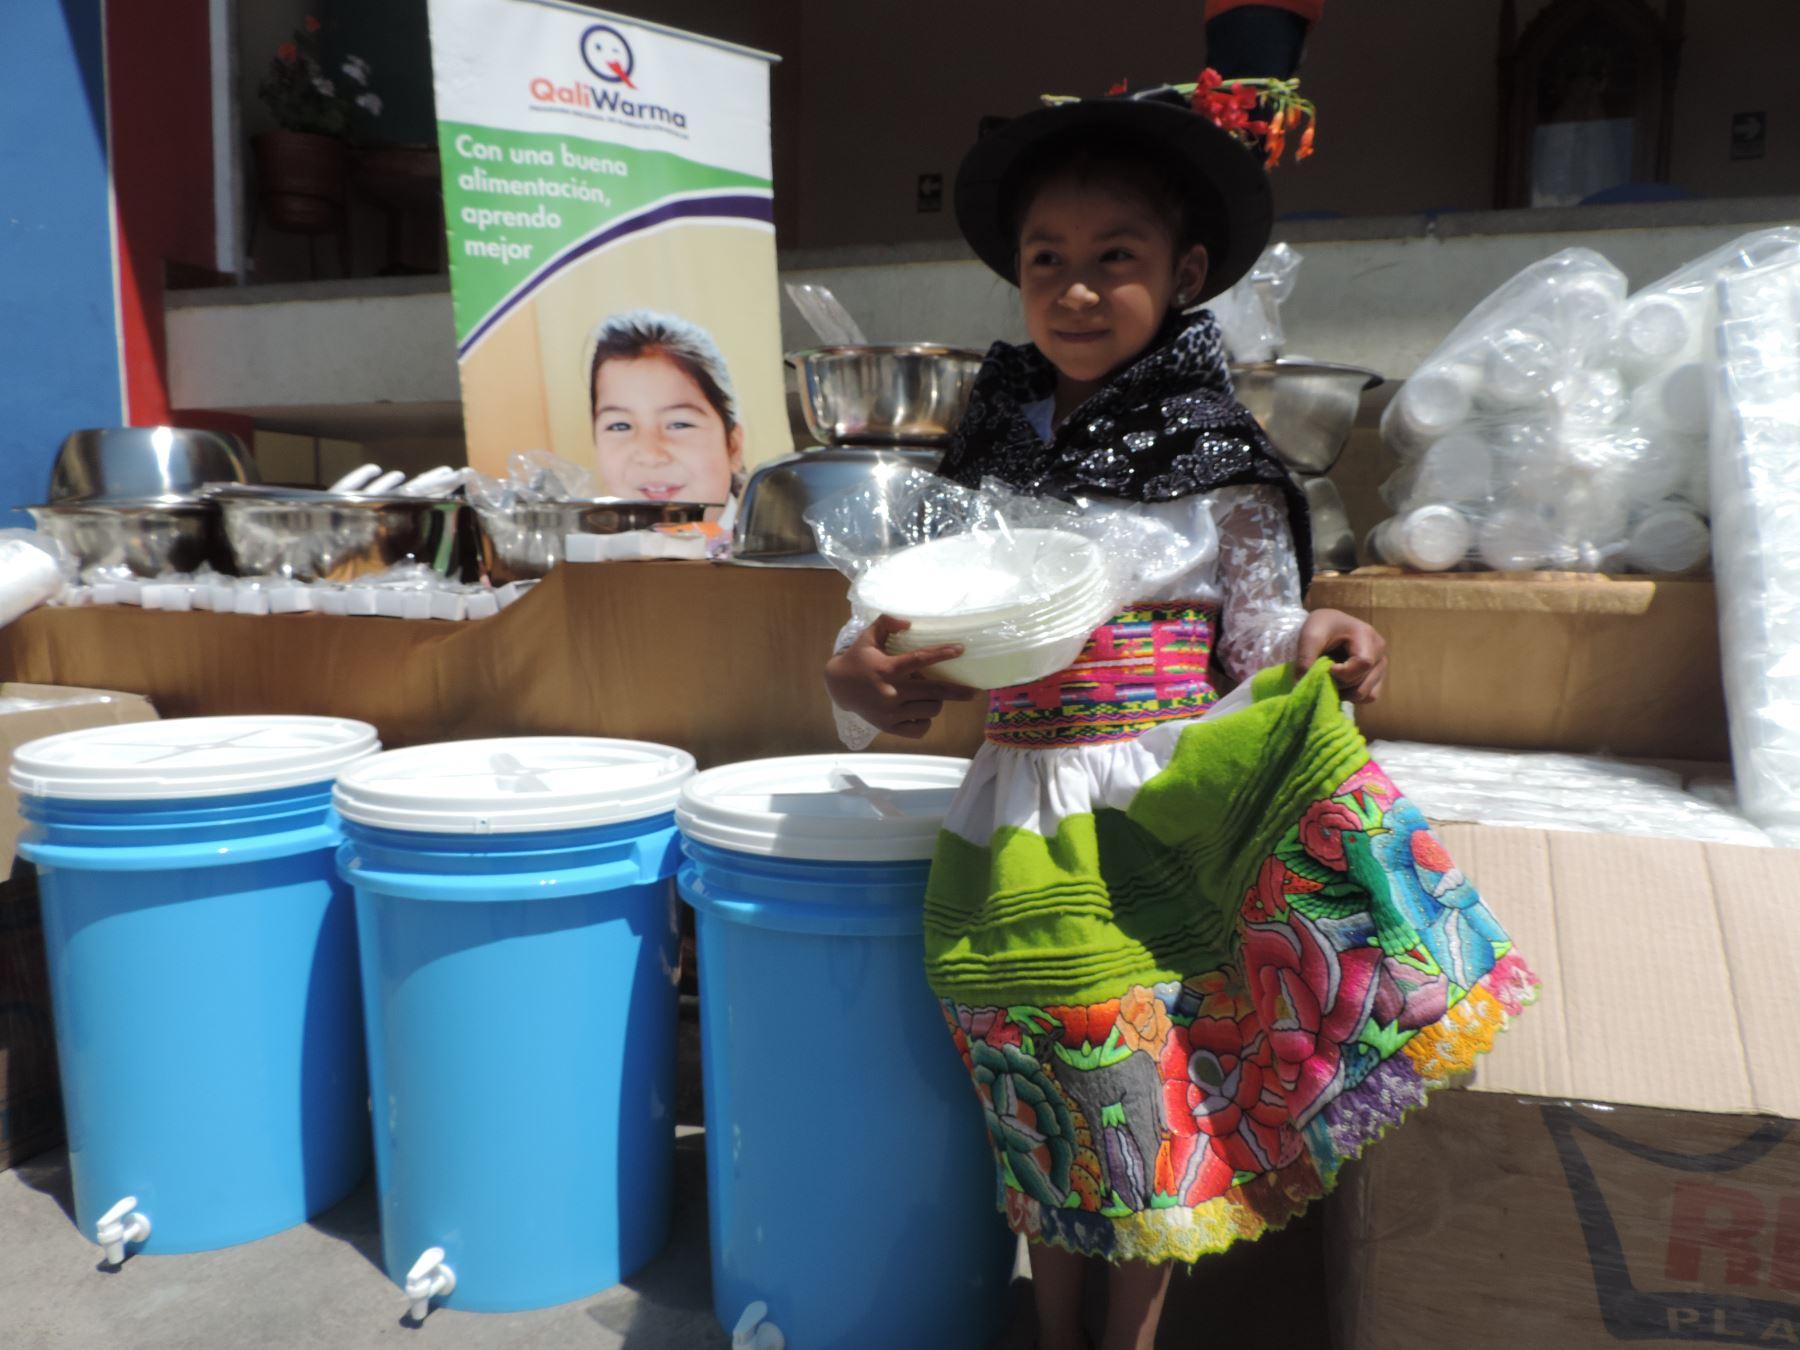 Con entrega de utensilios y menaje se beneficiarán 43,933 alumnos que consumen alimentos de Qali Warma.